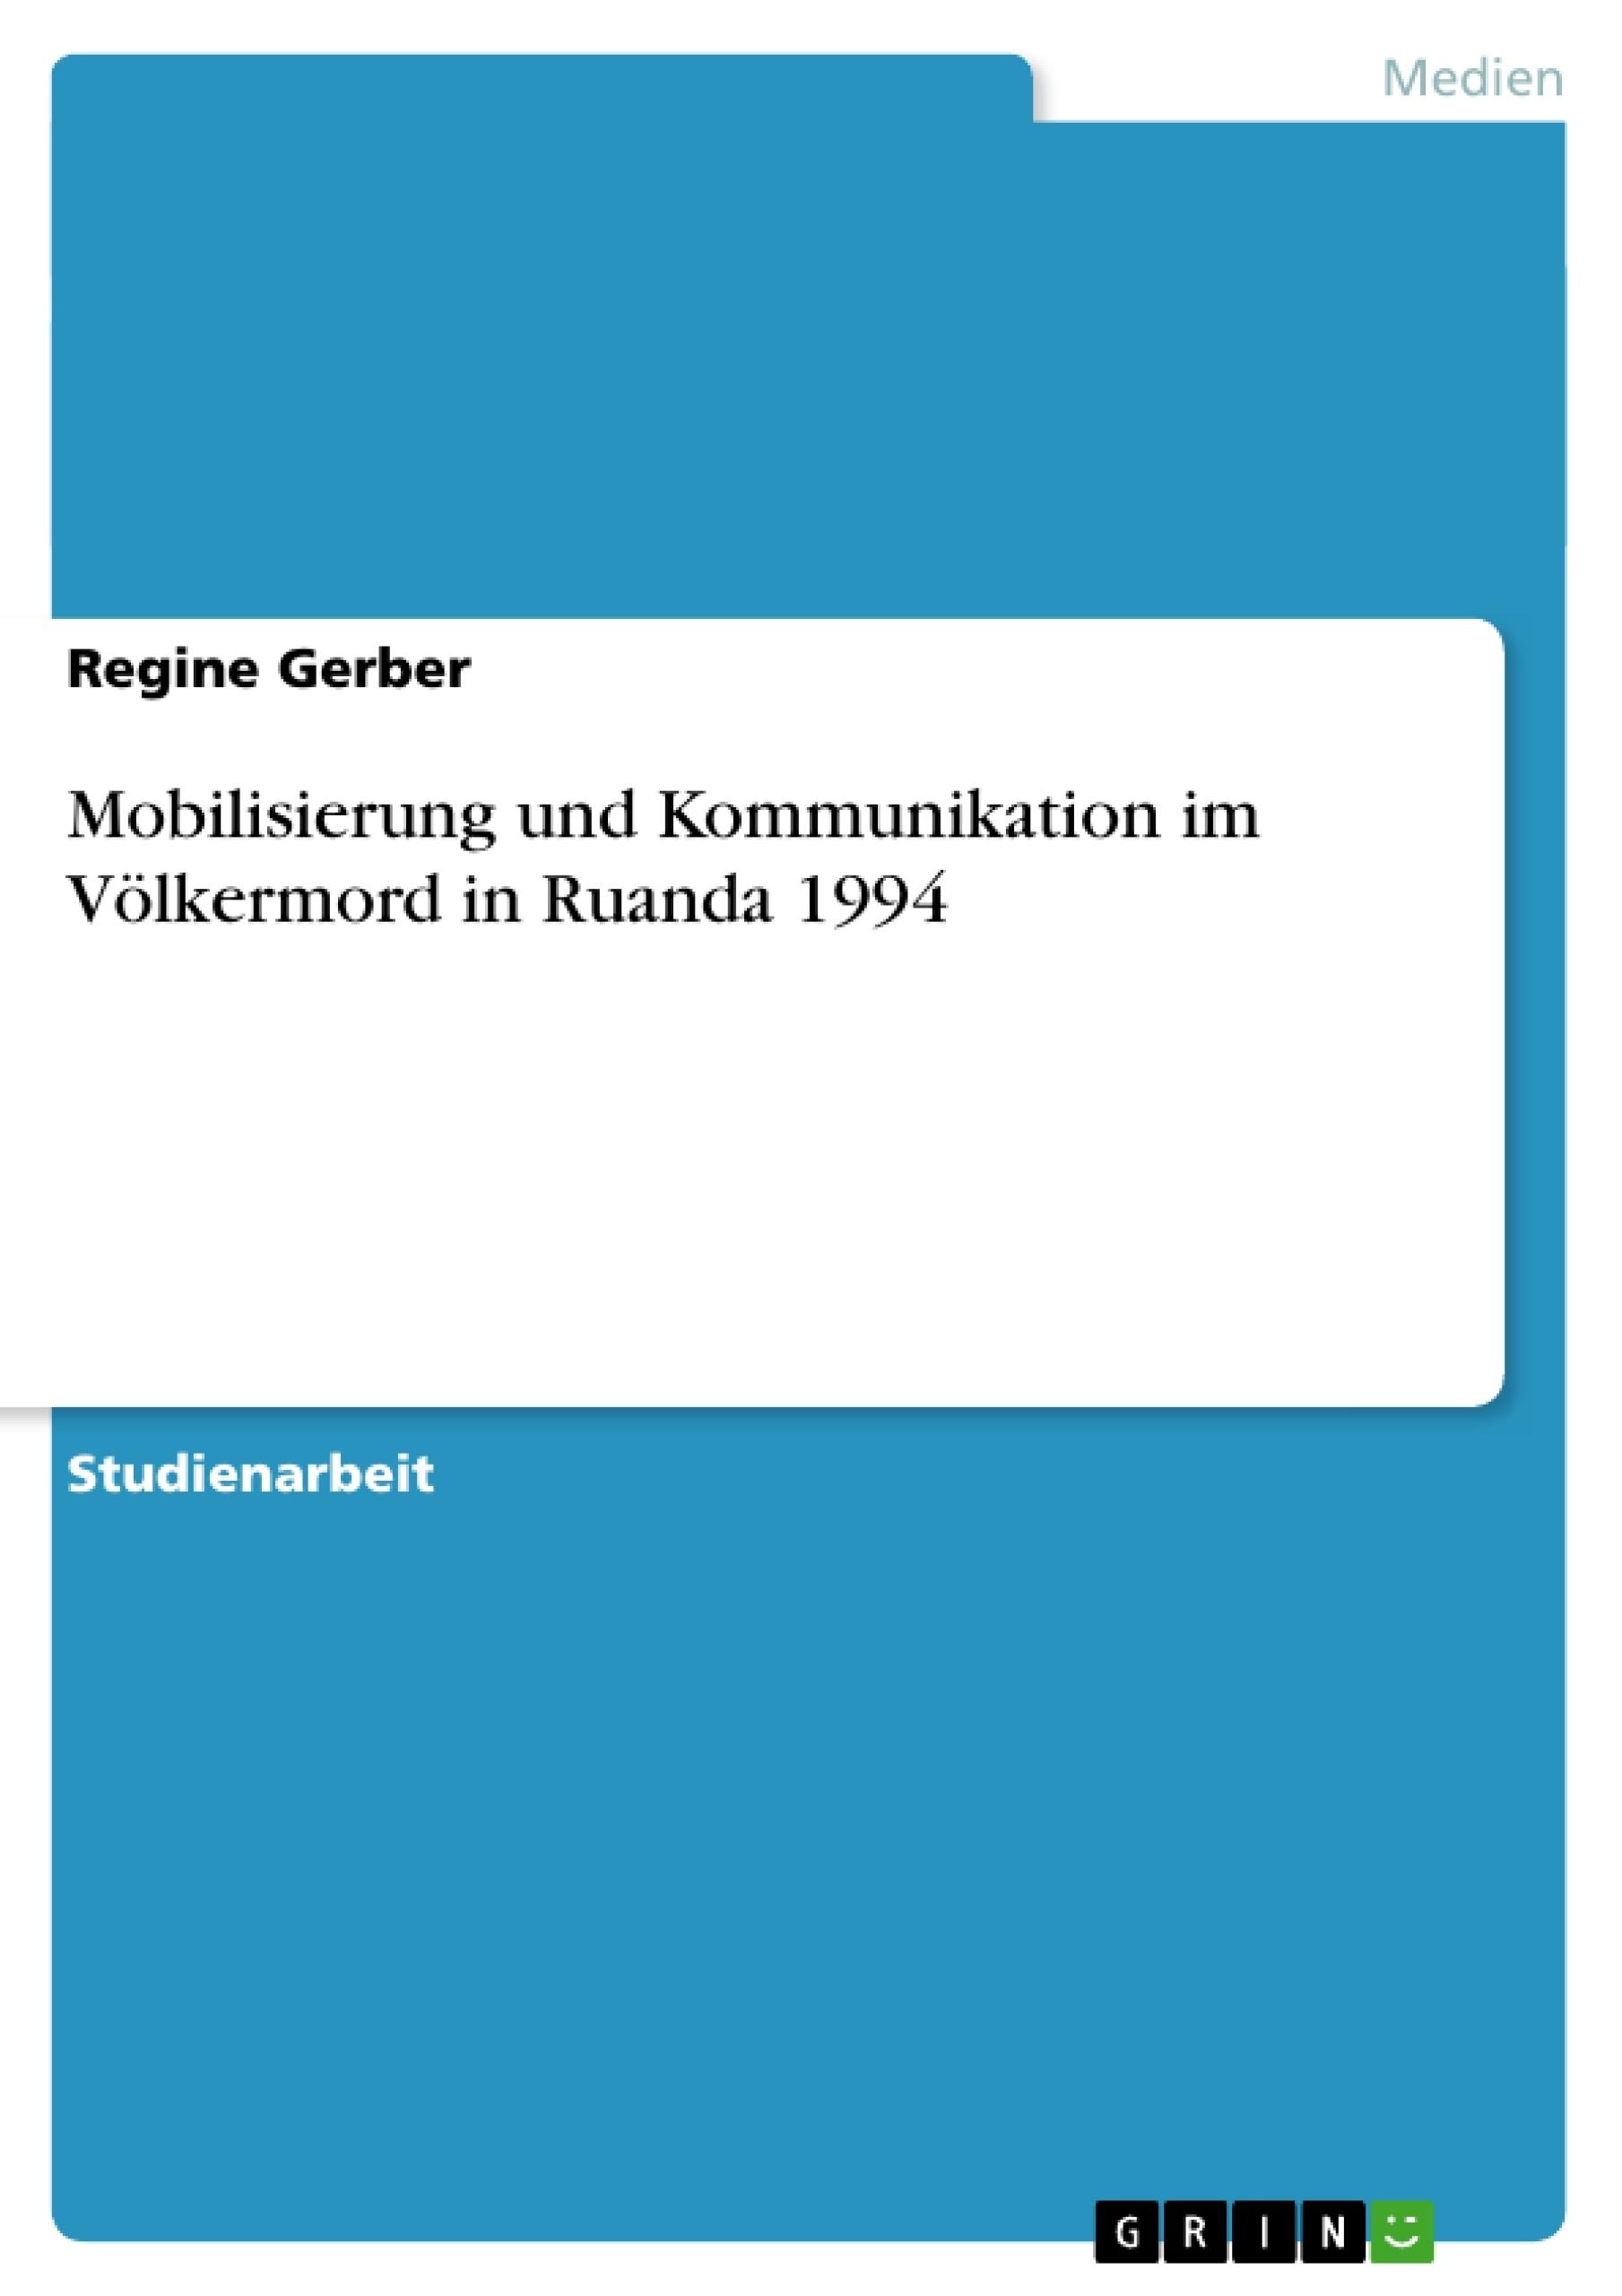 Titel: Mobilisierung und Kommunikation im Völkermord in Ruanda 1994